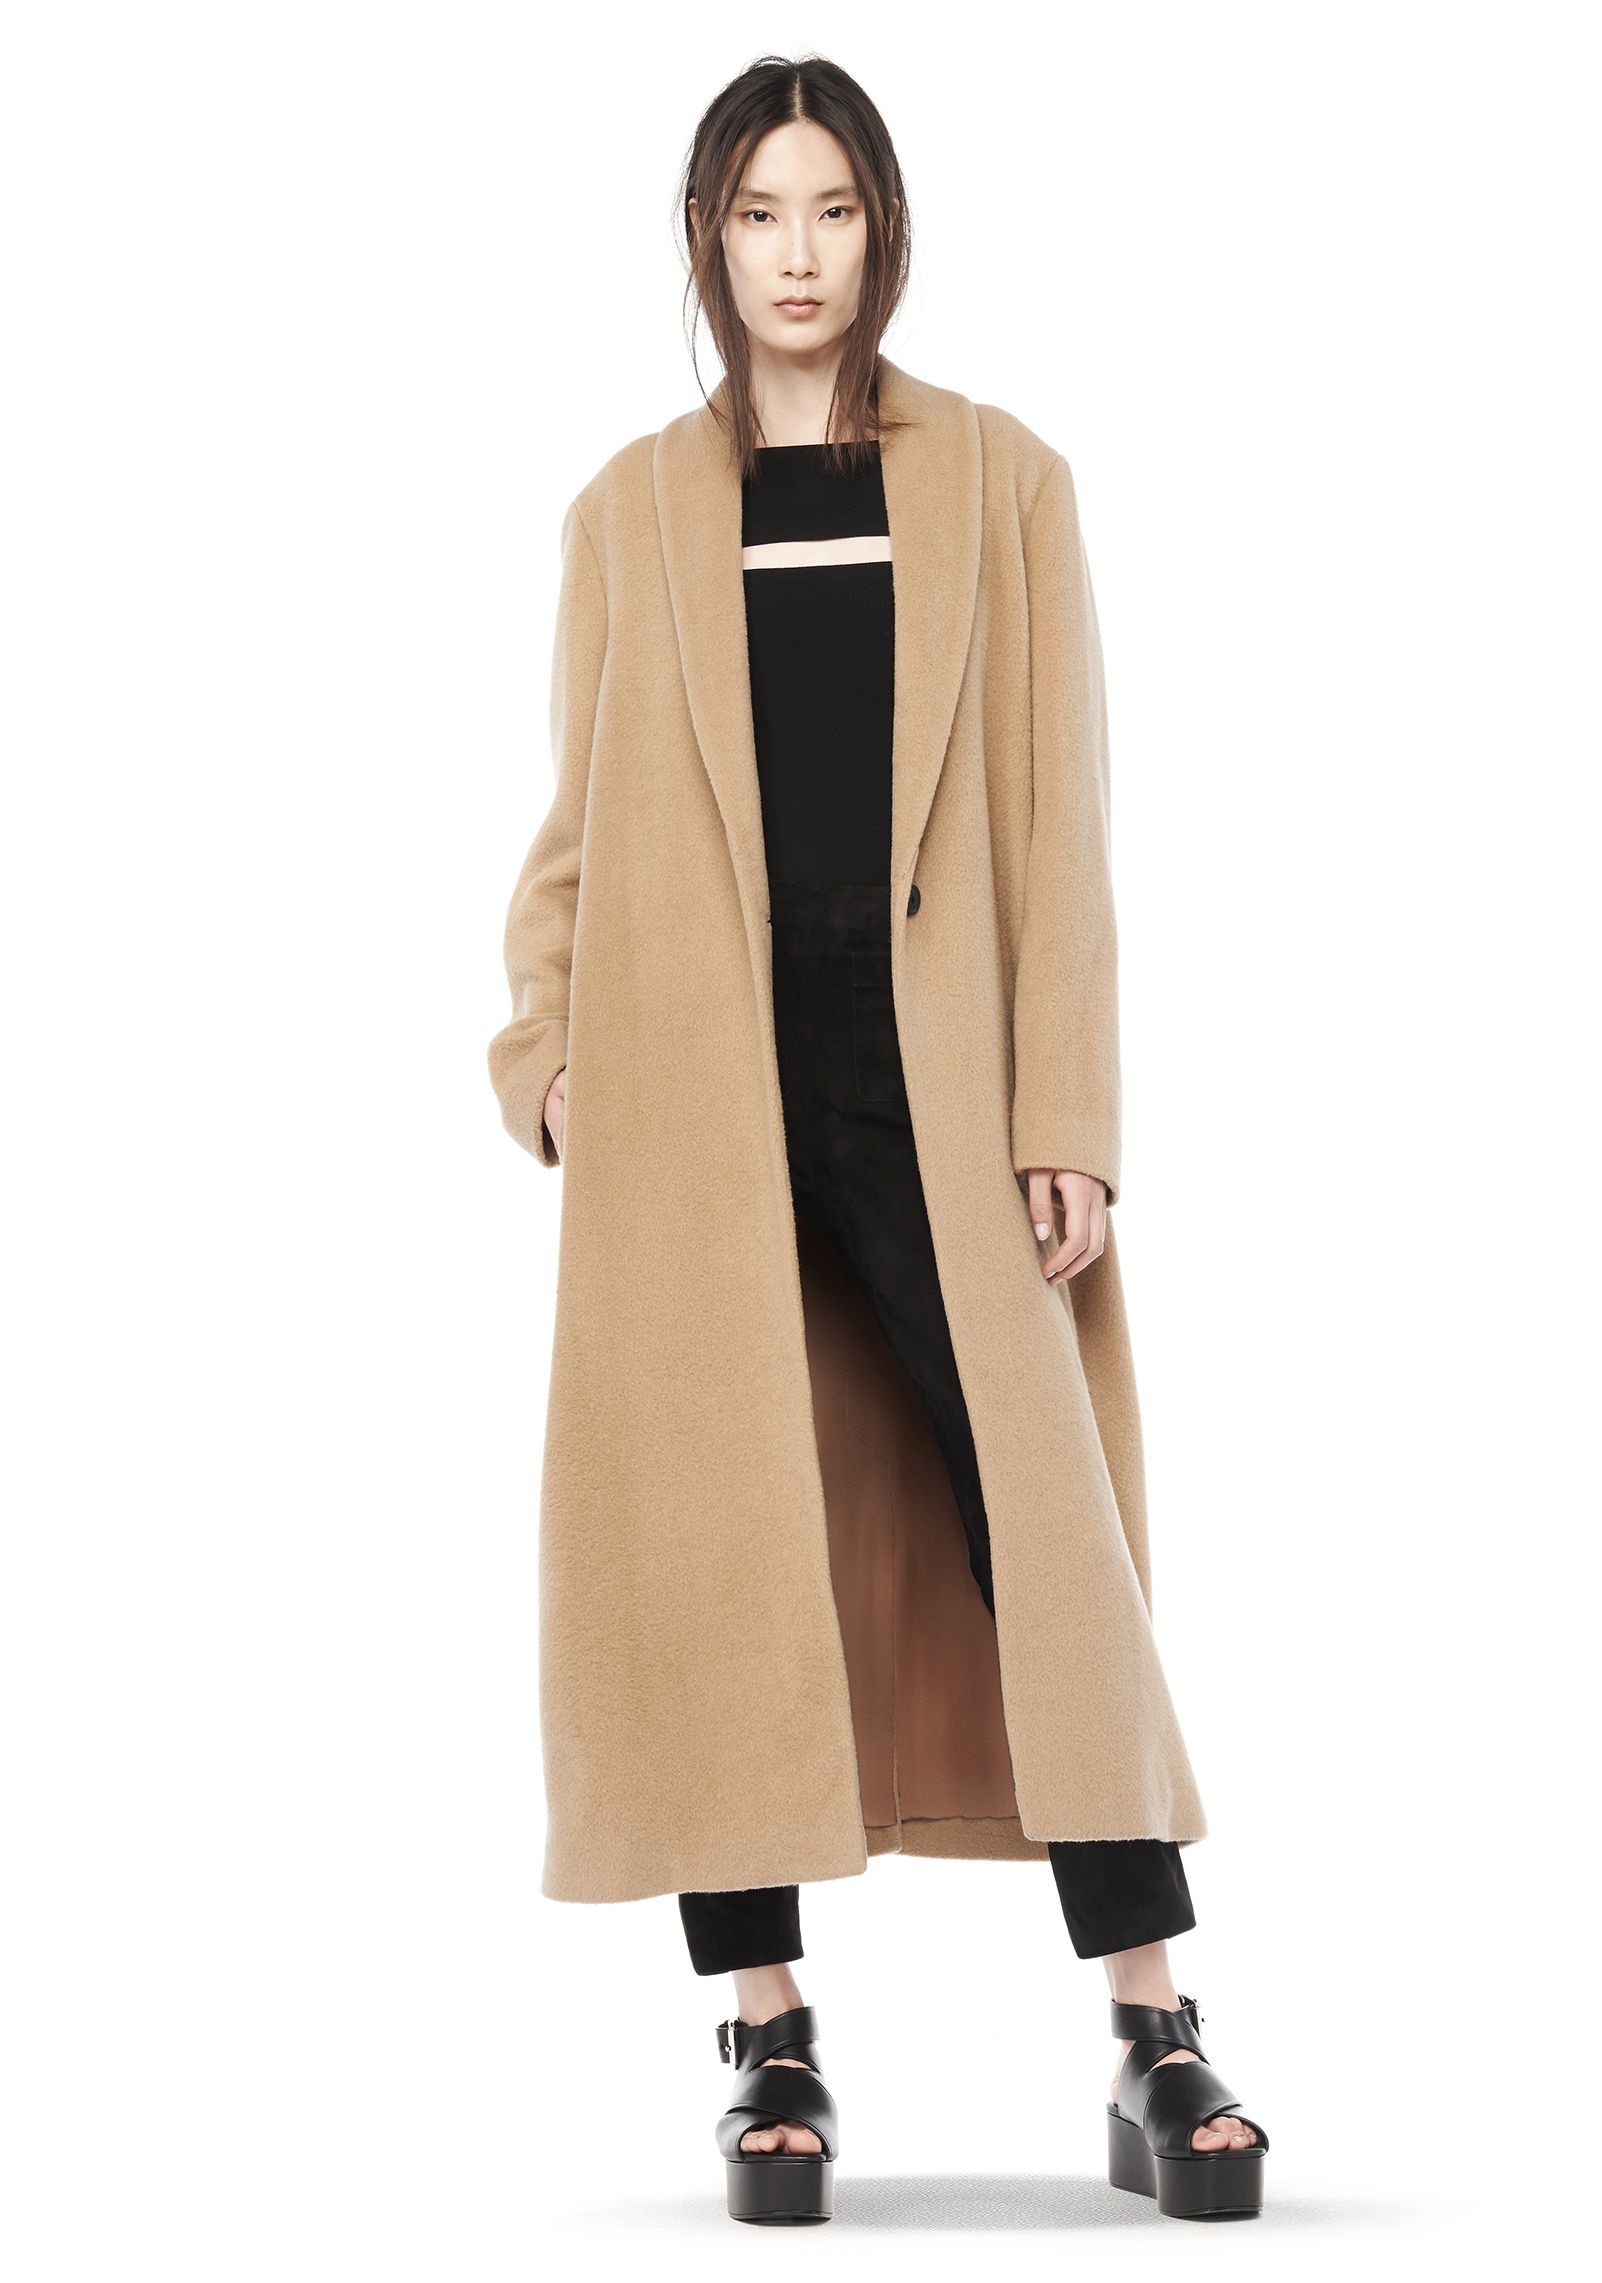 Long Beige Wool Coat | Fashion Women's Coat 2017